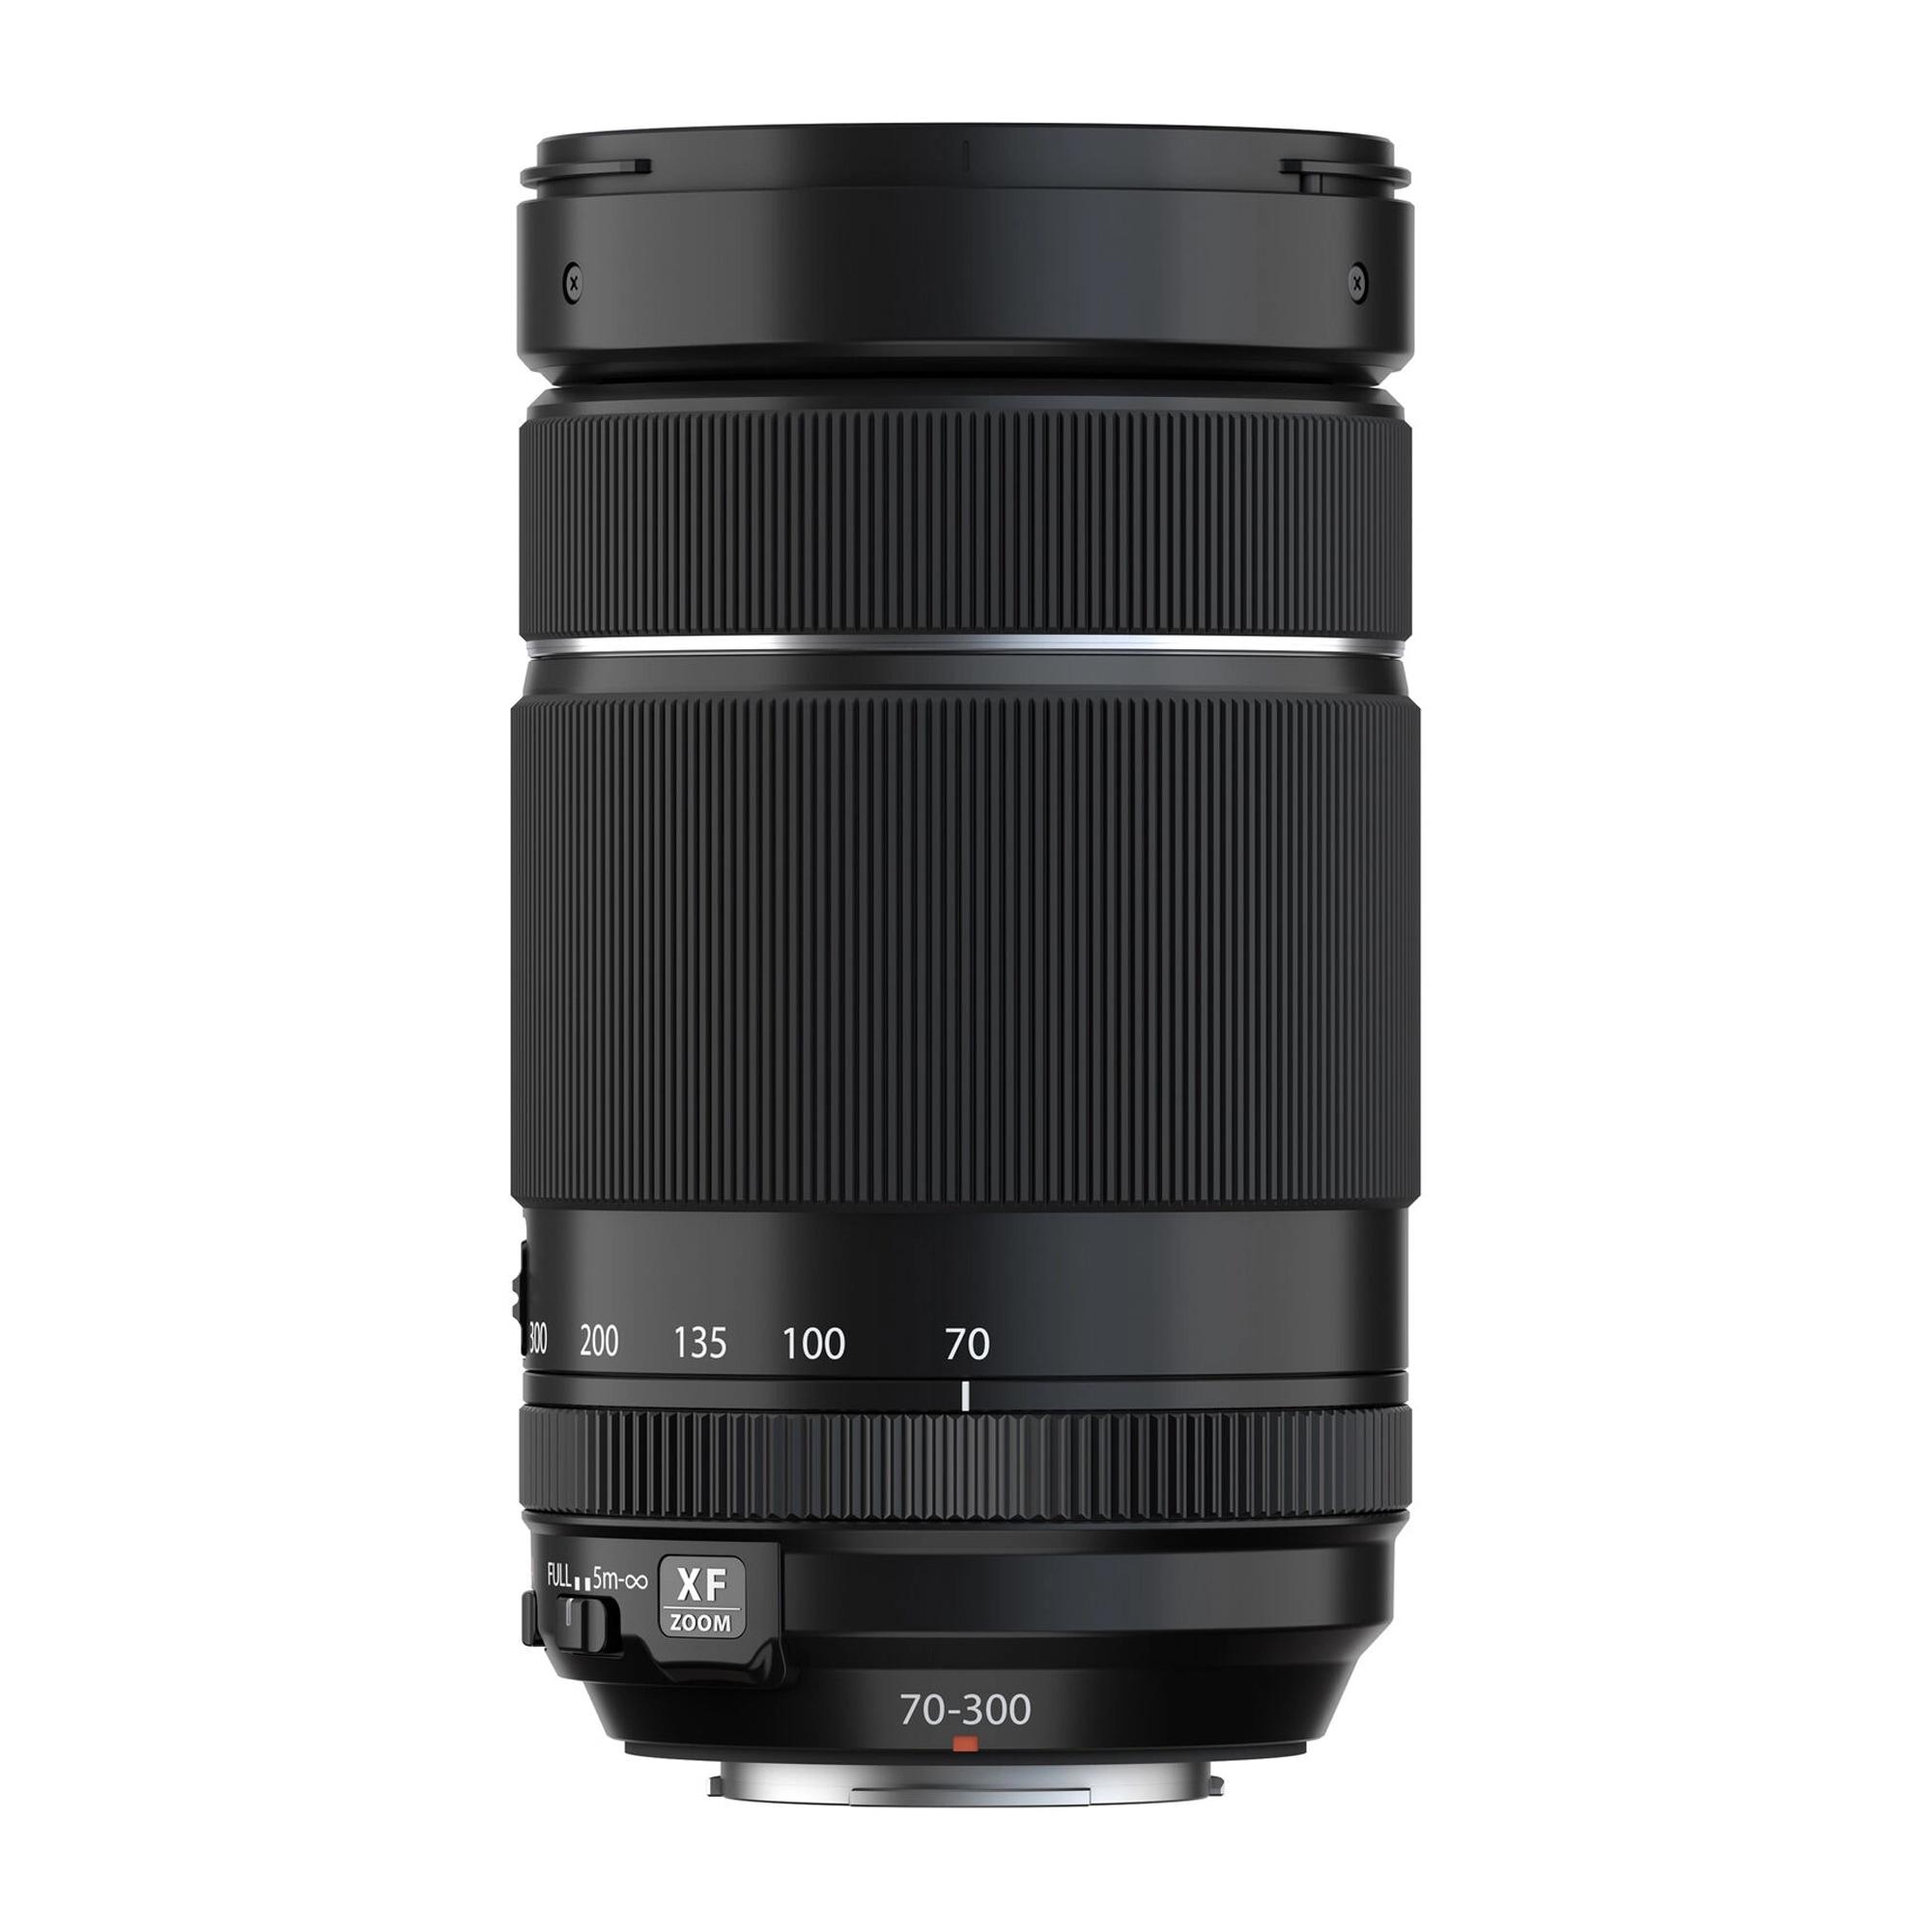 Fujfilm XF 70-300mm f/4-5,6 LM OIS WR